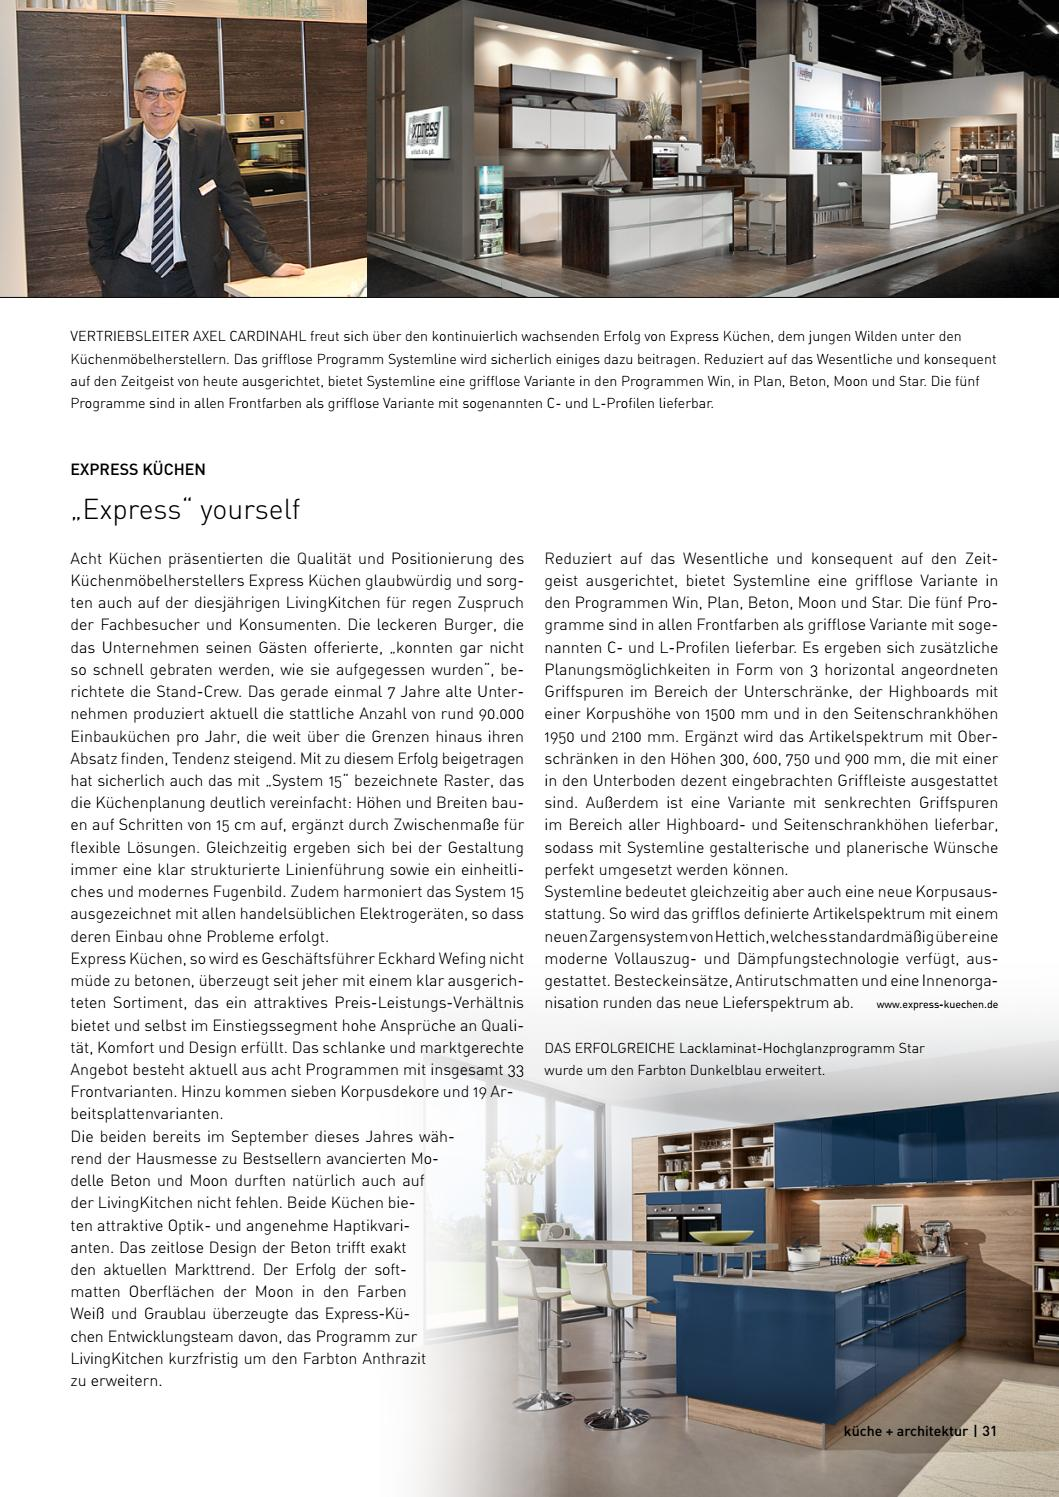 Kuche Architektur 1 2017 By Fachschriften Verlag Issuu